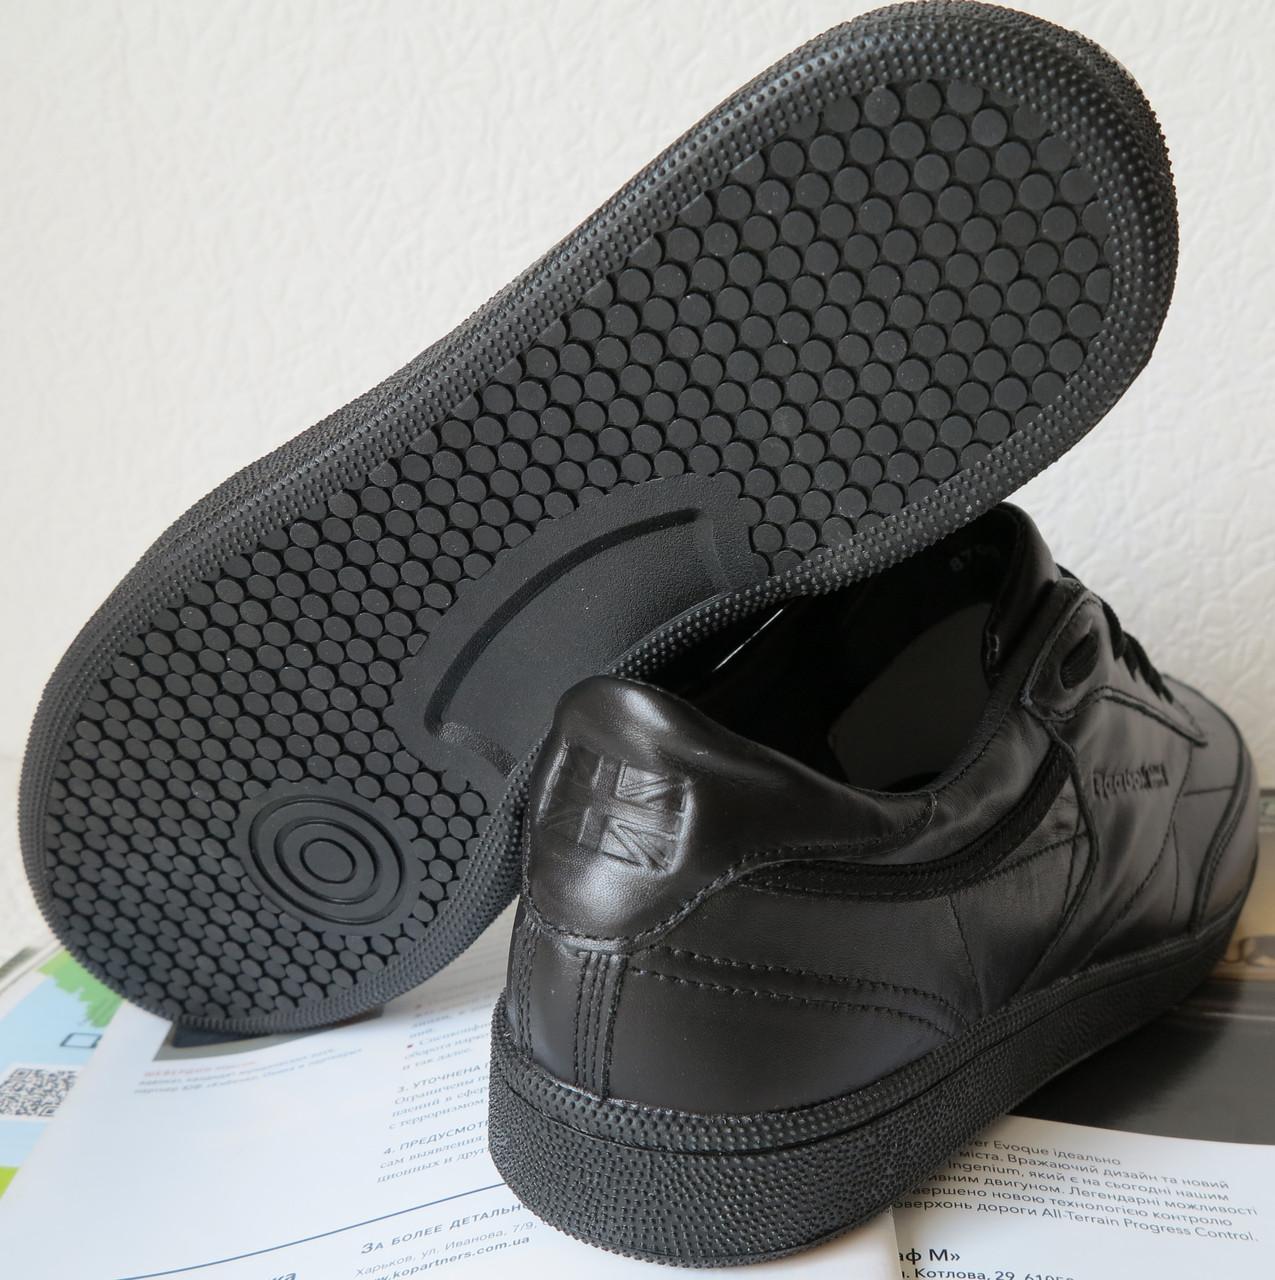 3ca29480f ... Кроссовки Reebok Club C 85 Black *реплика* мужские кроссовки из  натуральной кожи рибок, ...